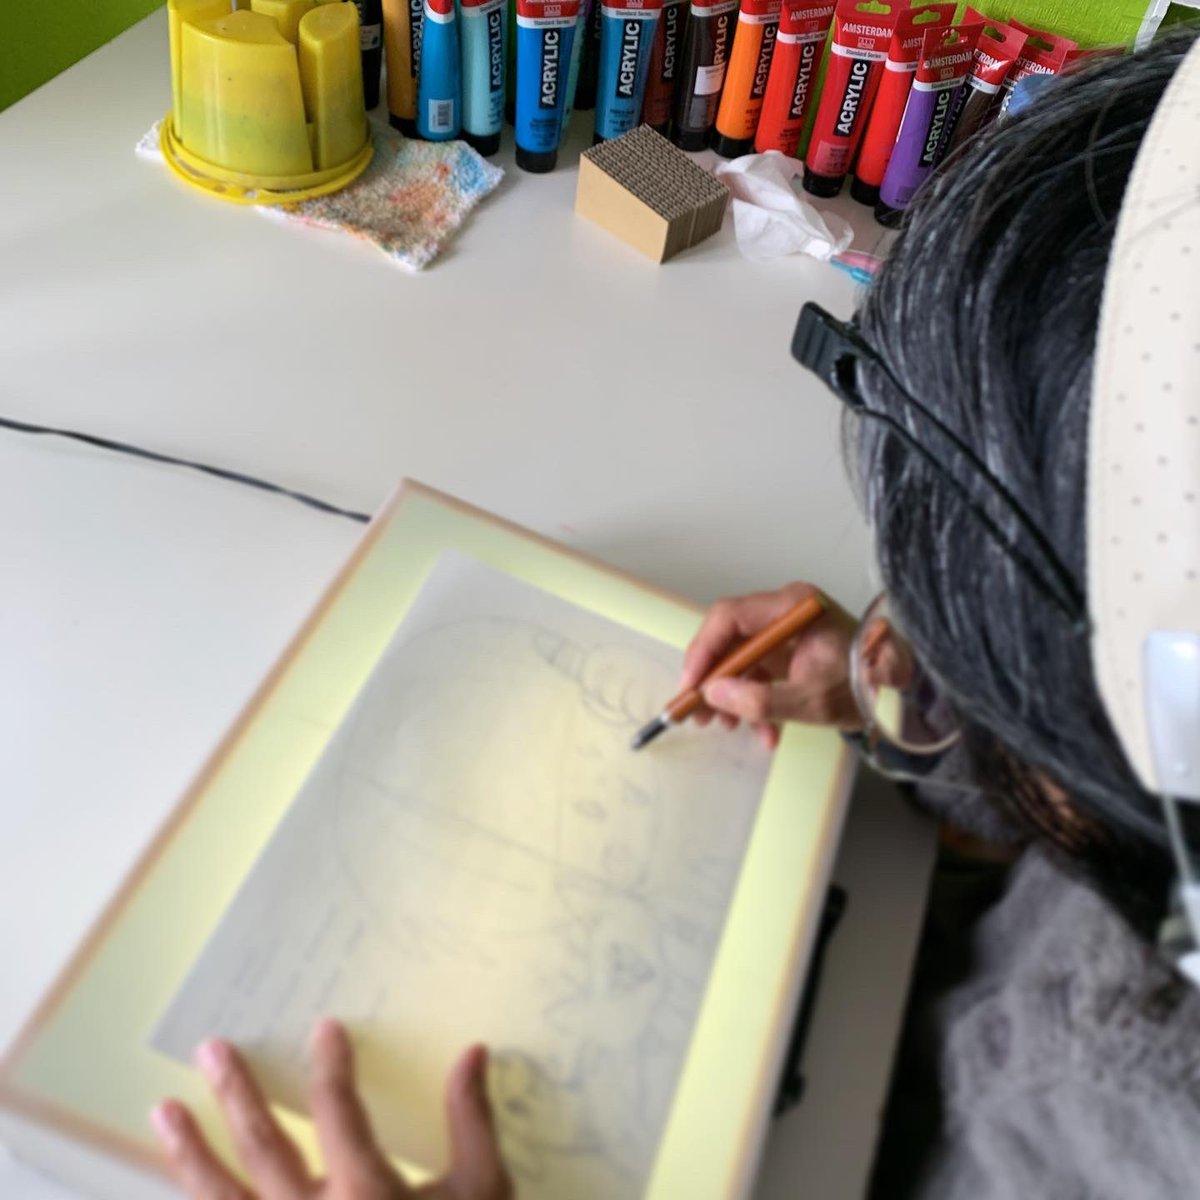 test ツイッターメディア - 「いぬのきもち」「ねこのきもち」絵本部さんと共同制作の絵本。タイトルも決まって着彩に入りました。ラストスパートーーー! https://t.co/812g1jdNGc